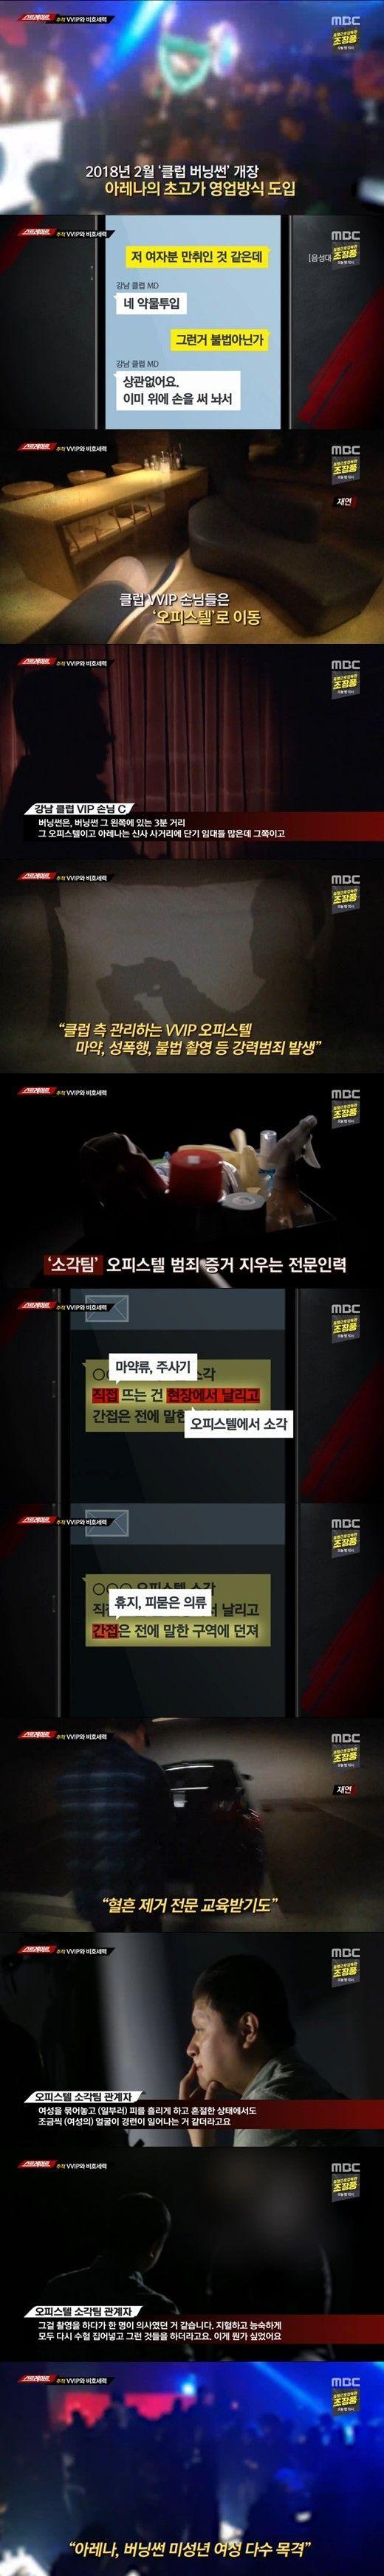 서울 강남의 유명 클럽들이 성범죄, 마약범죄 등을 은폐하기 위해 전문팀을 운영했다는 정황이 드러났다/사진=MBC '스트레이트' 화면 캡처